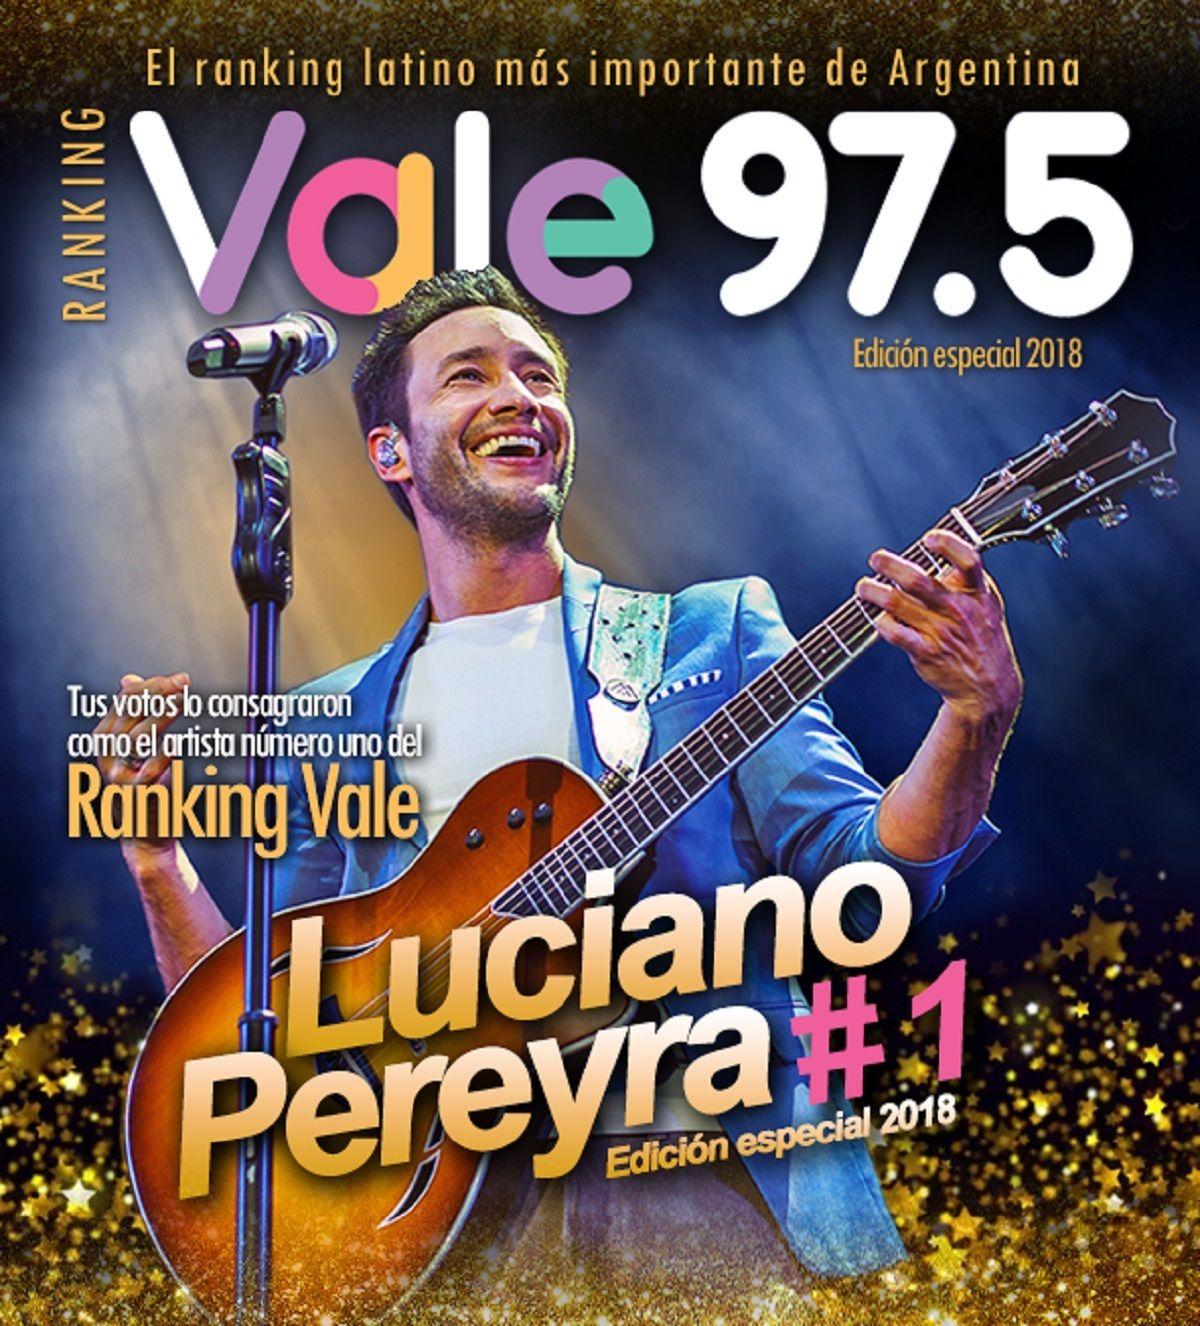 Luciano Pereyra, el más destacado del Ranking Vale